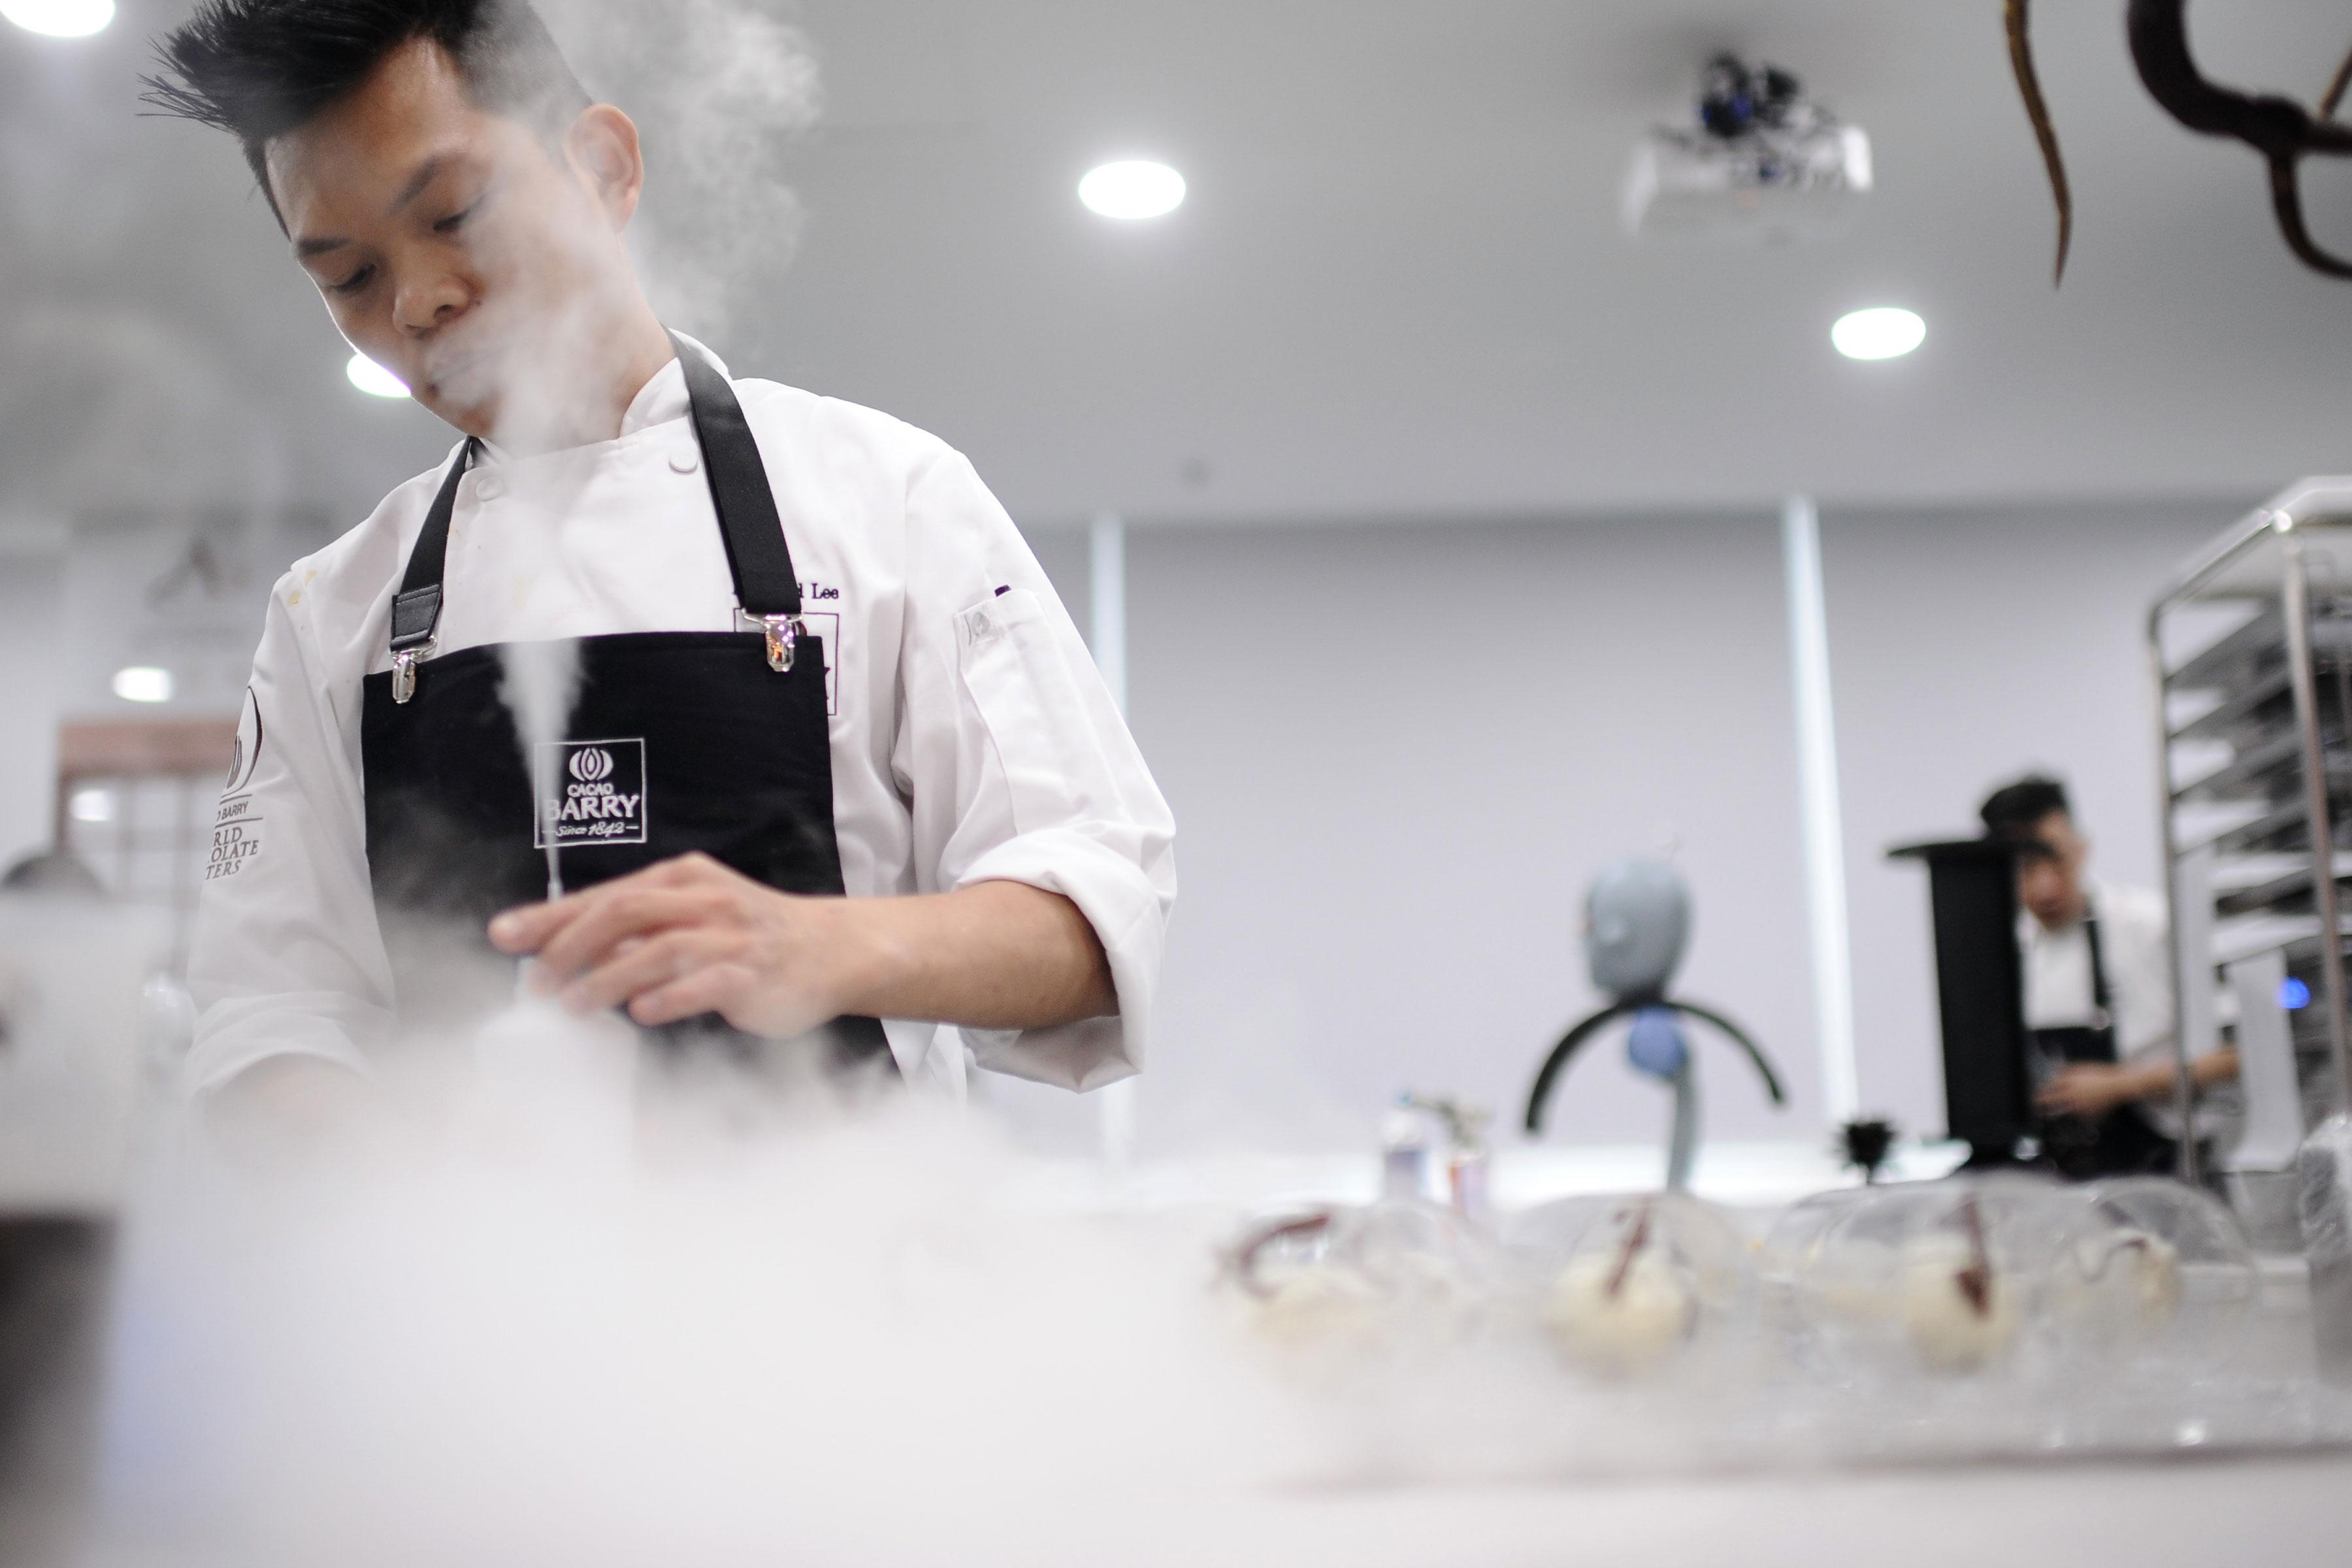 Salon du chocolat paris 2018 cacao barry world for Salon du master